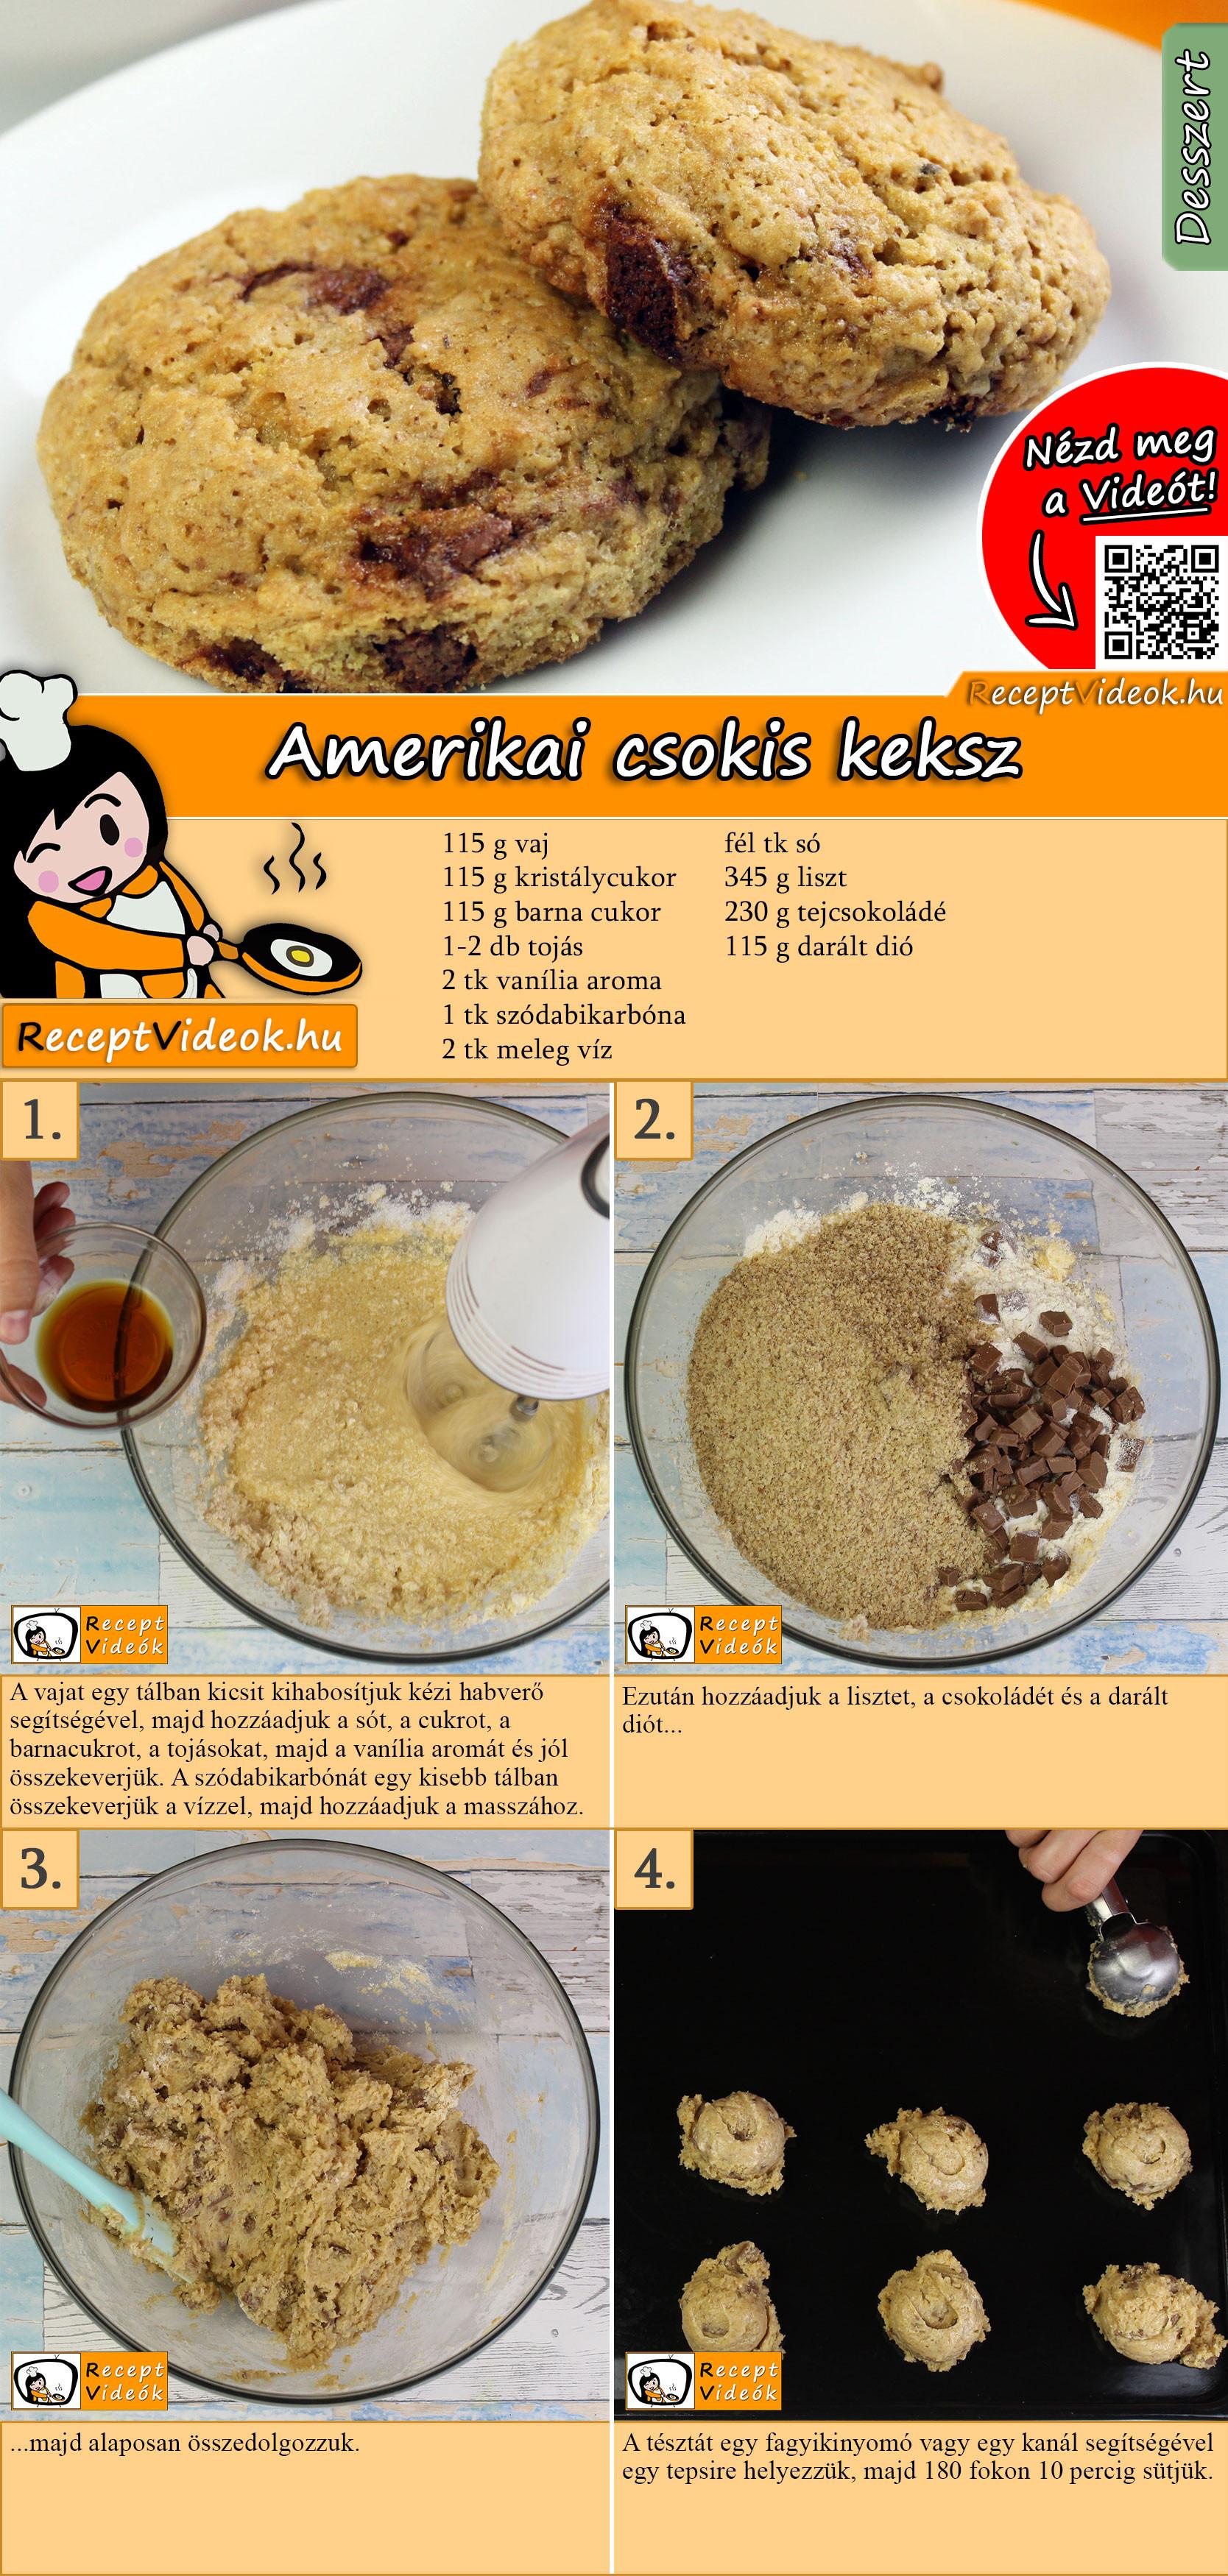 Amerikai csokis keksz recept elkészítése videóval